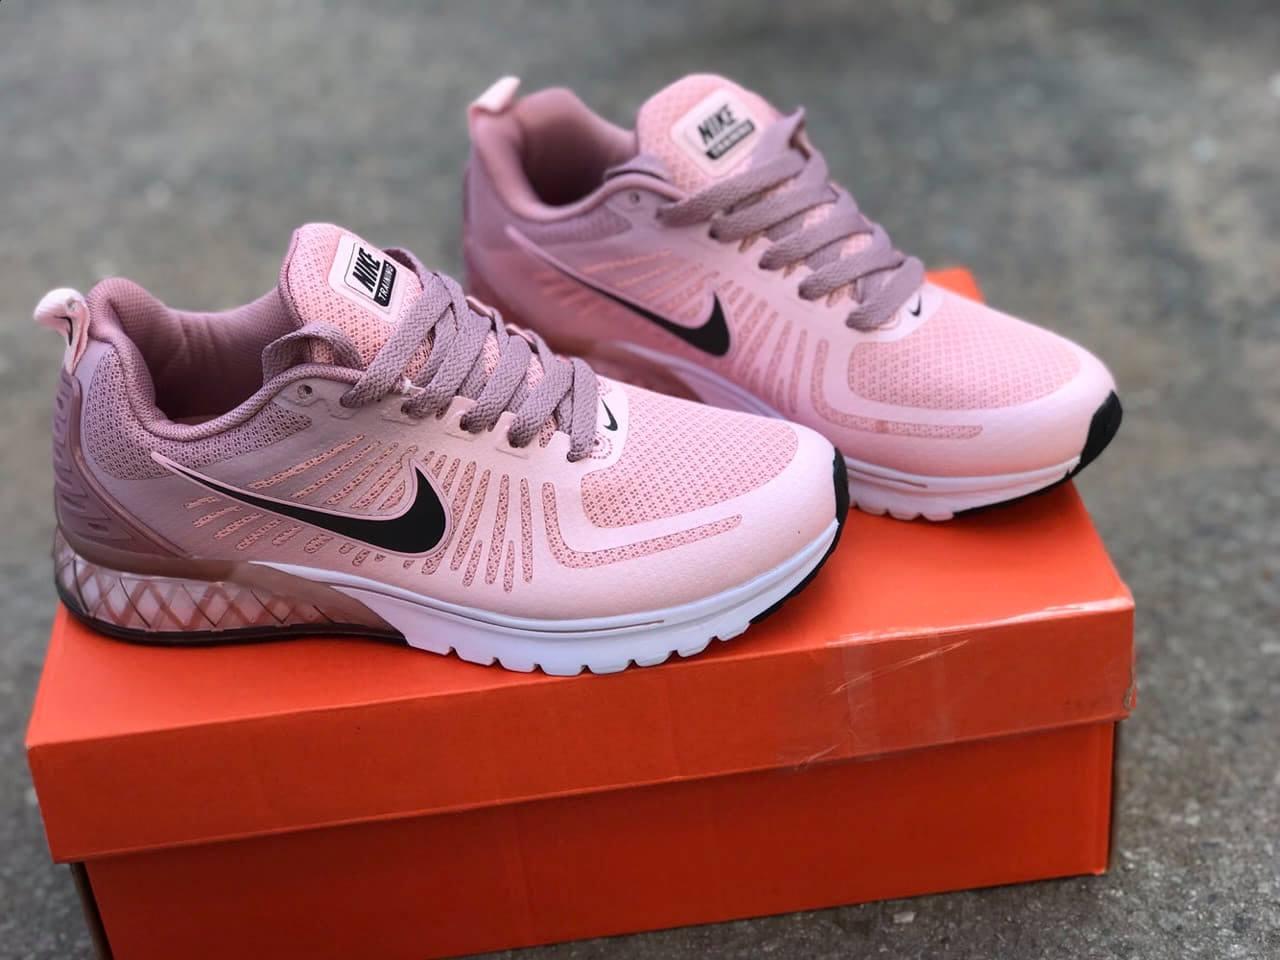 Nike Max Training